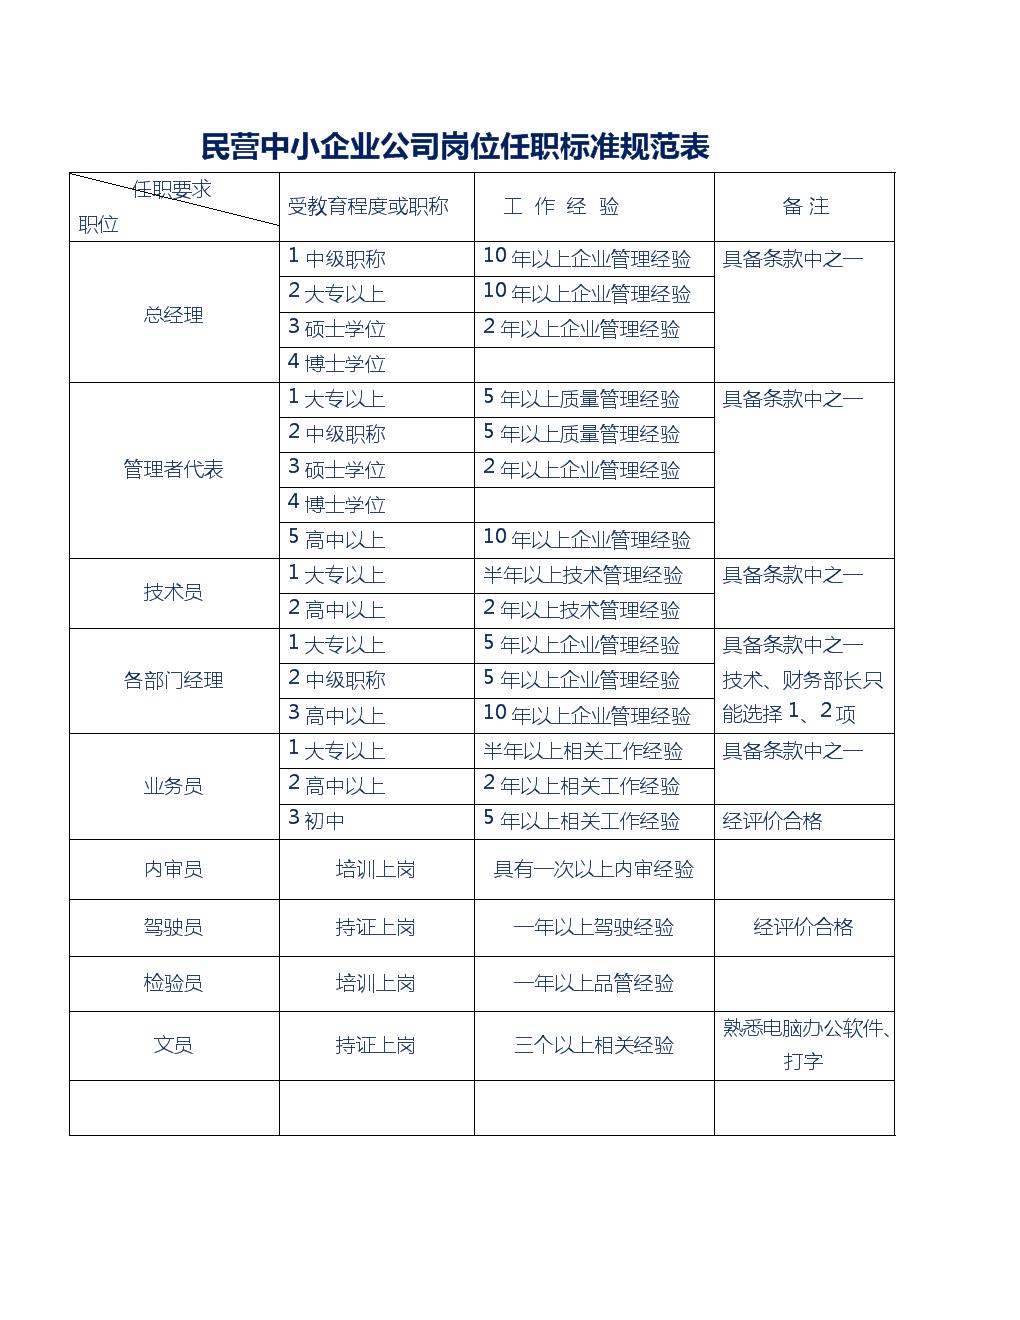 民营中小企业公司岗位任职标准规范表.docx